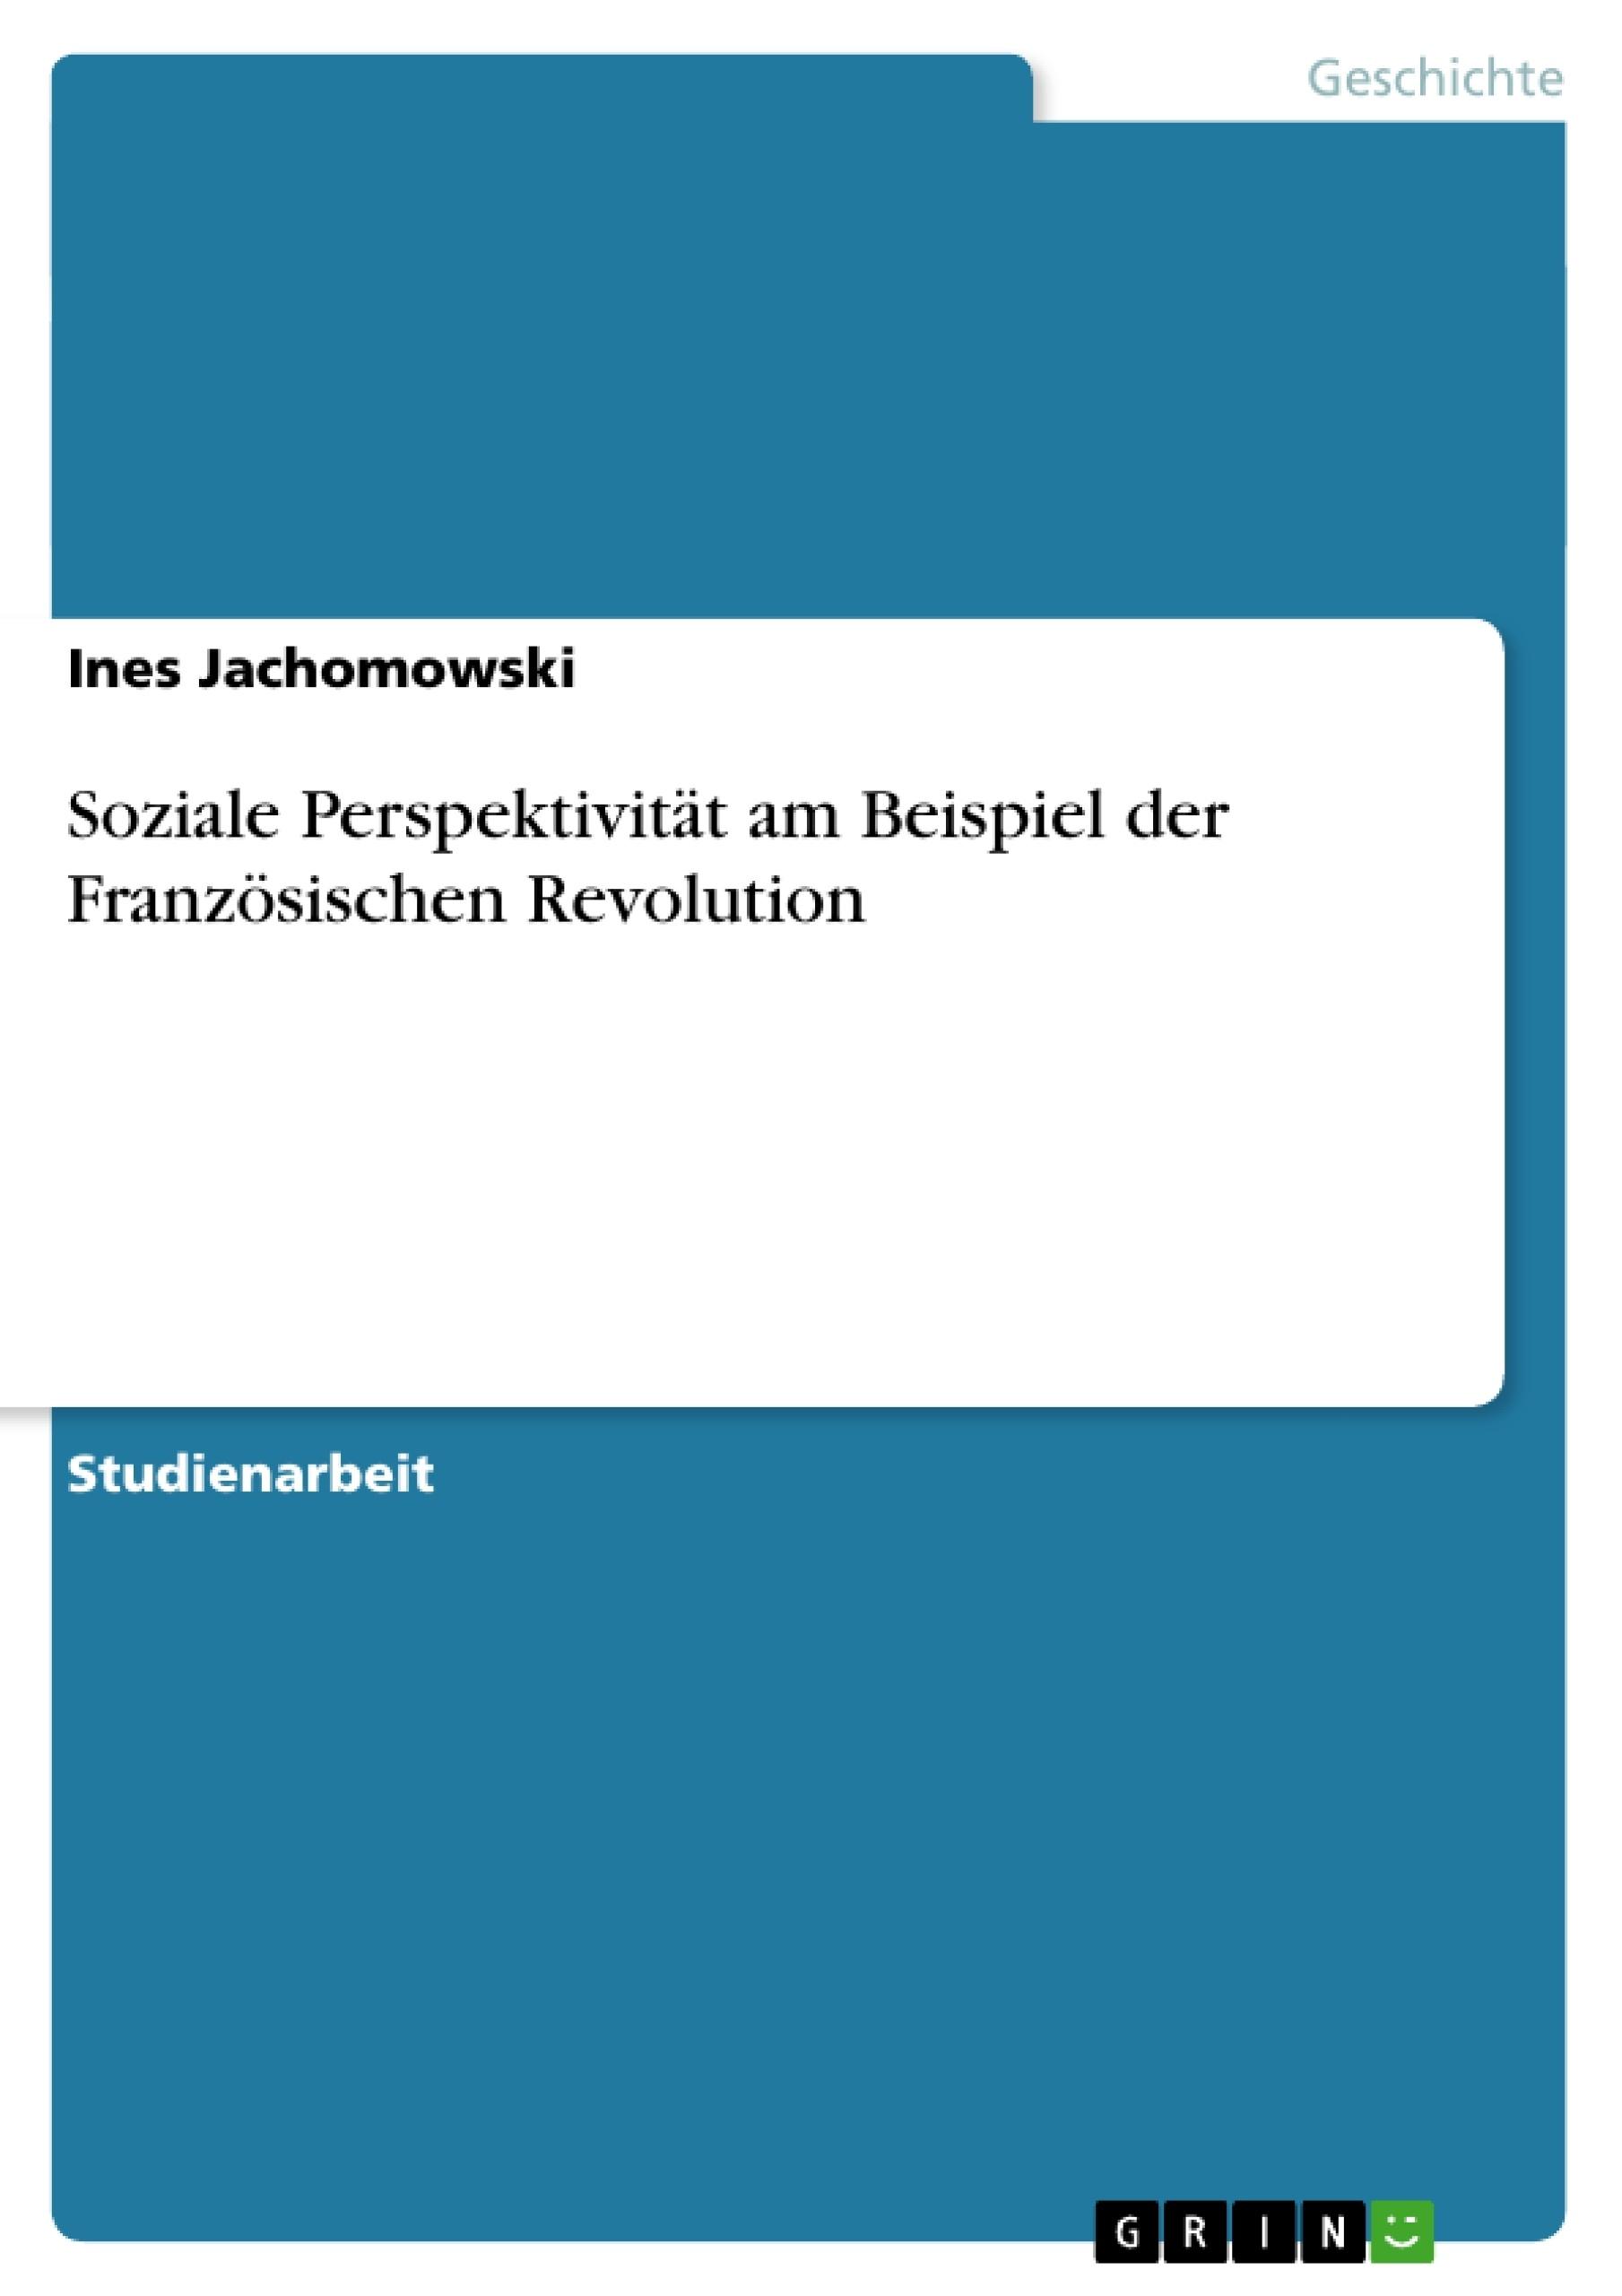 Titel: Soziale Perspektivität am Beispiel der Französischen Revolution